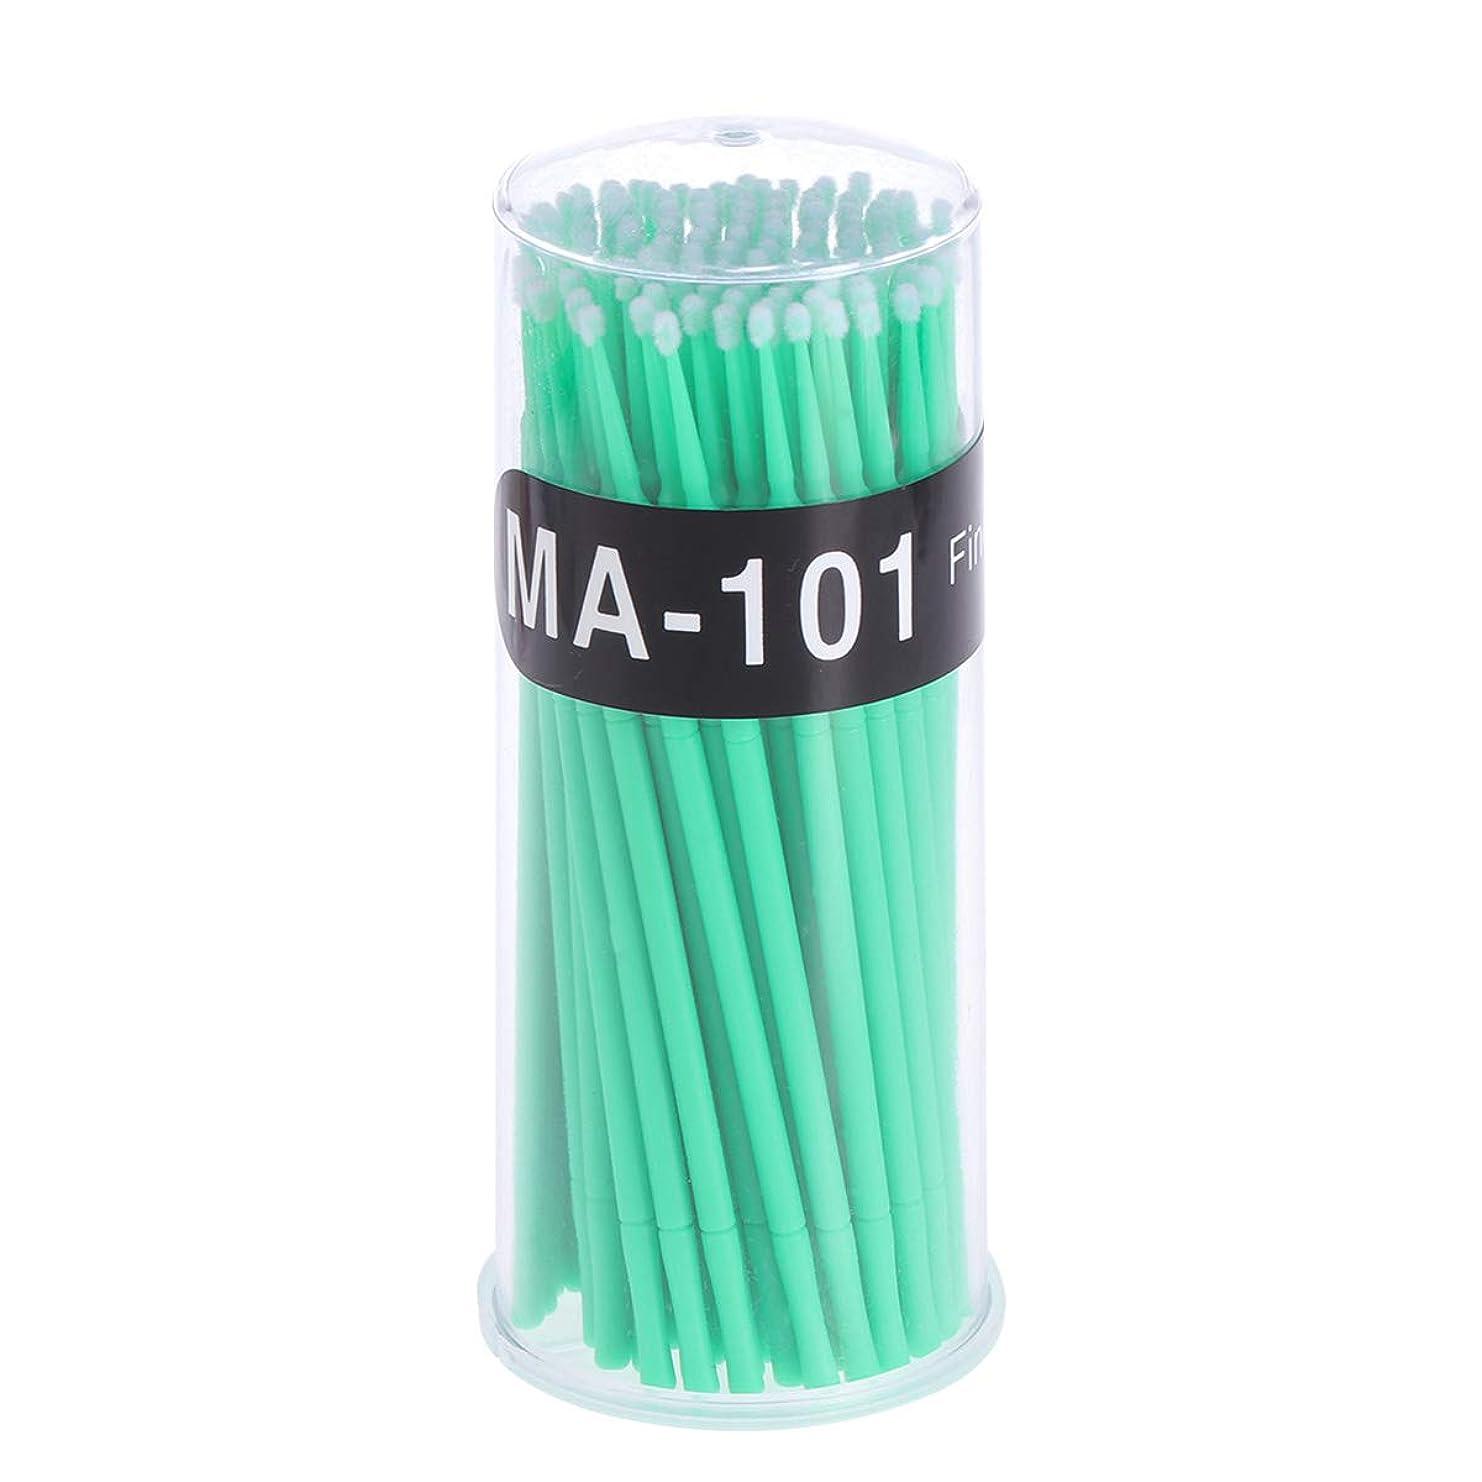 メジャー社説魔法100個使い捨てマイクロアプリケータブラシまつげエクステンション綿棒まつげマイクロブラシワンドメイクアップツール(グリーン、ブラシ直径2mm)